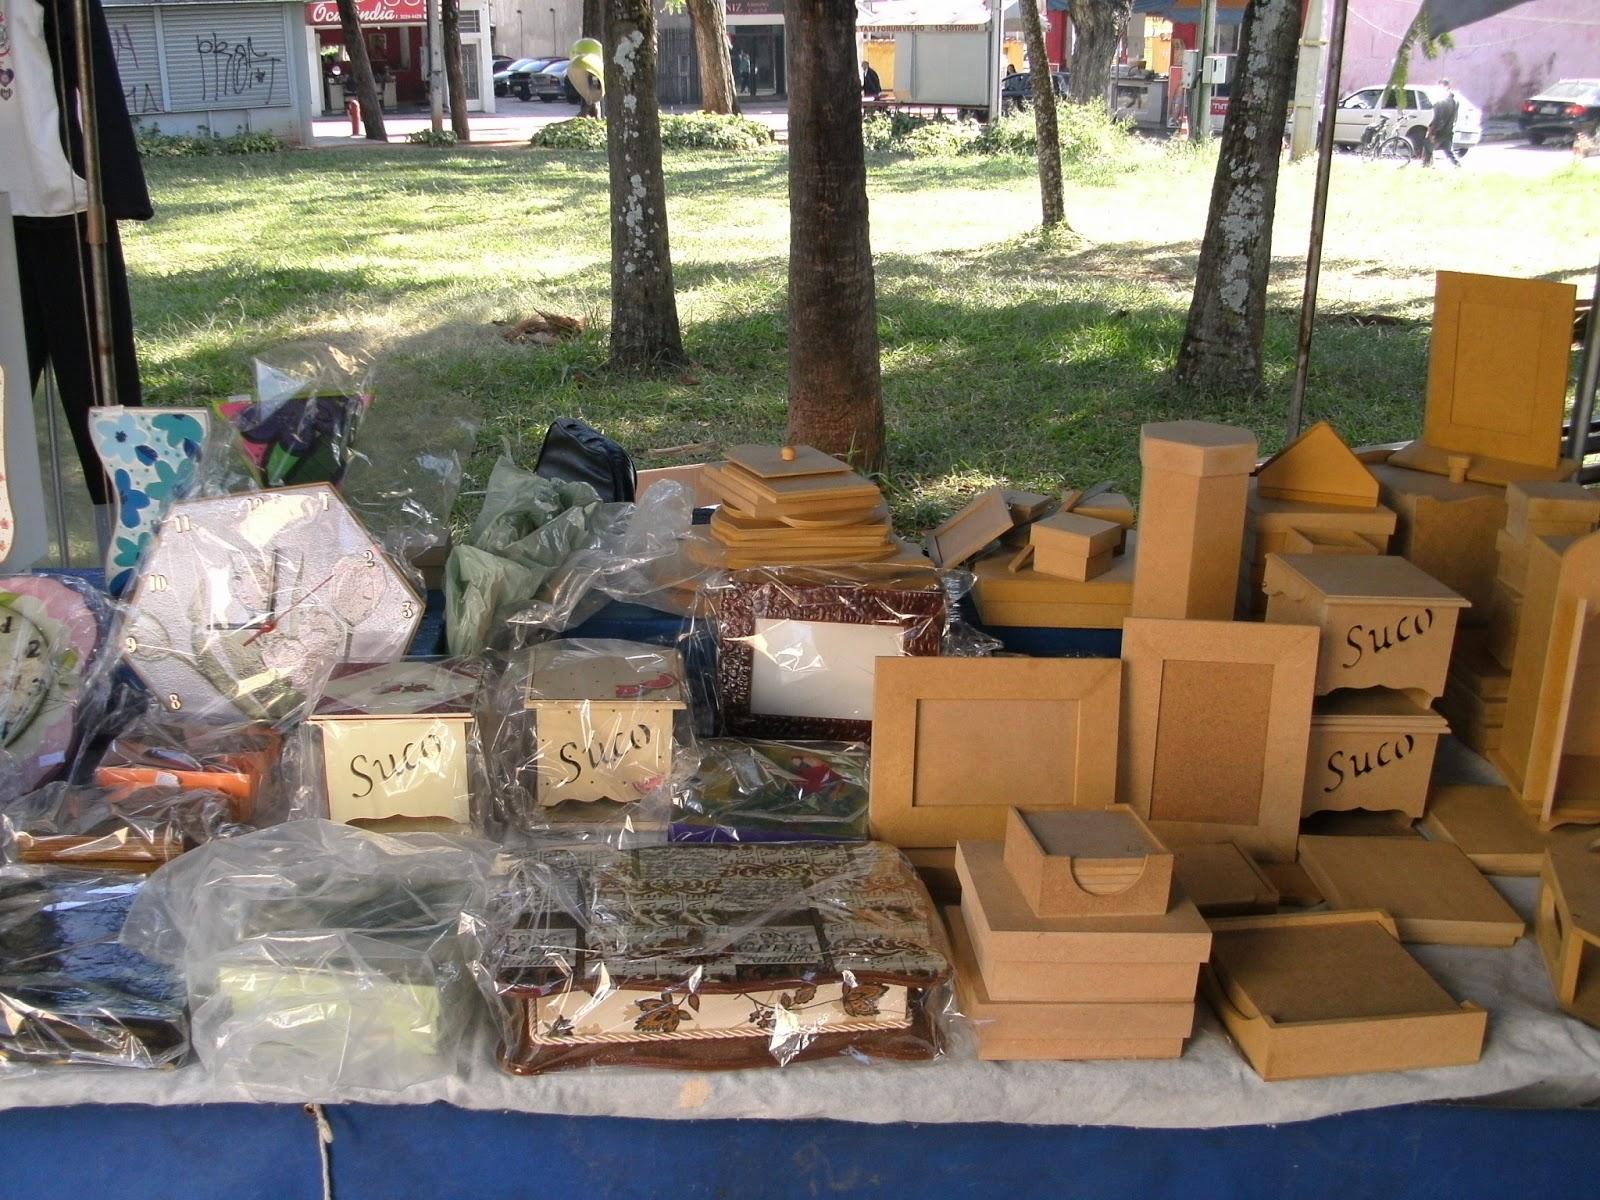 feira de artesanato em Sorocaba MADEIRAS MDF